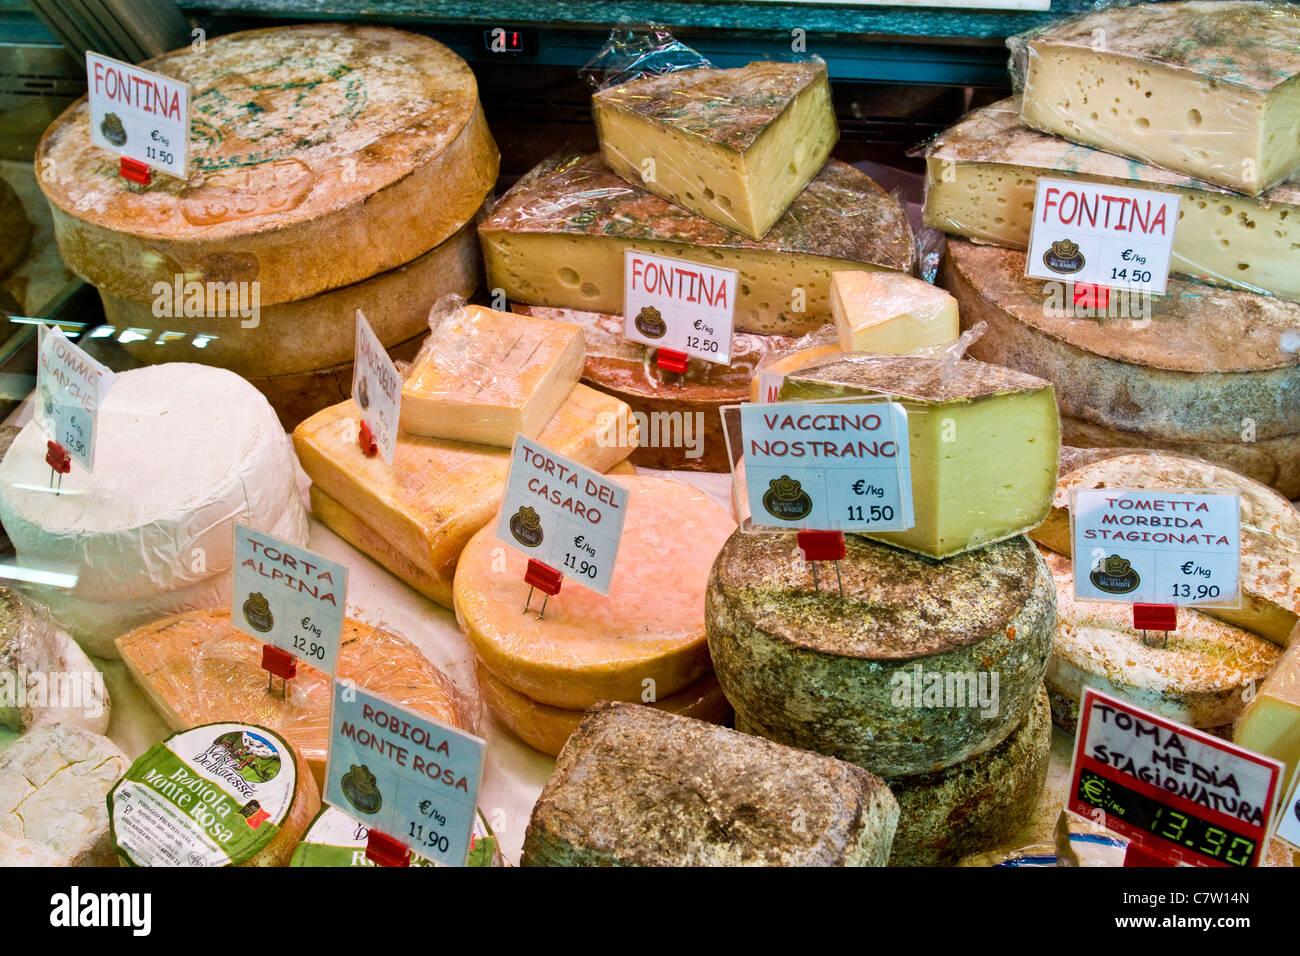 Formaggio italiano selezione nel negozio di specialità gastronomiche Immagini Stock